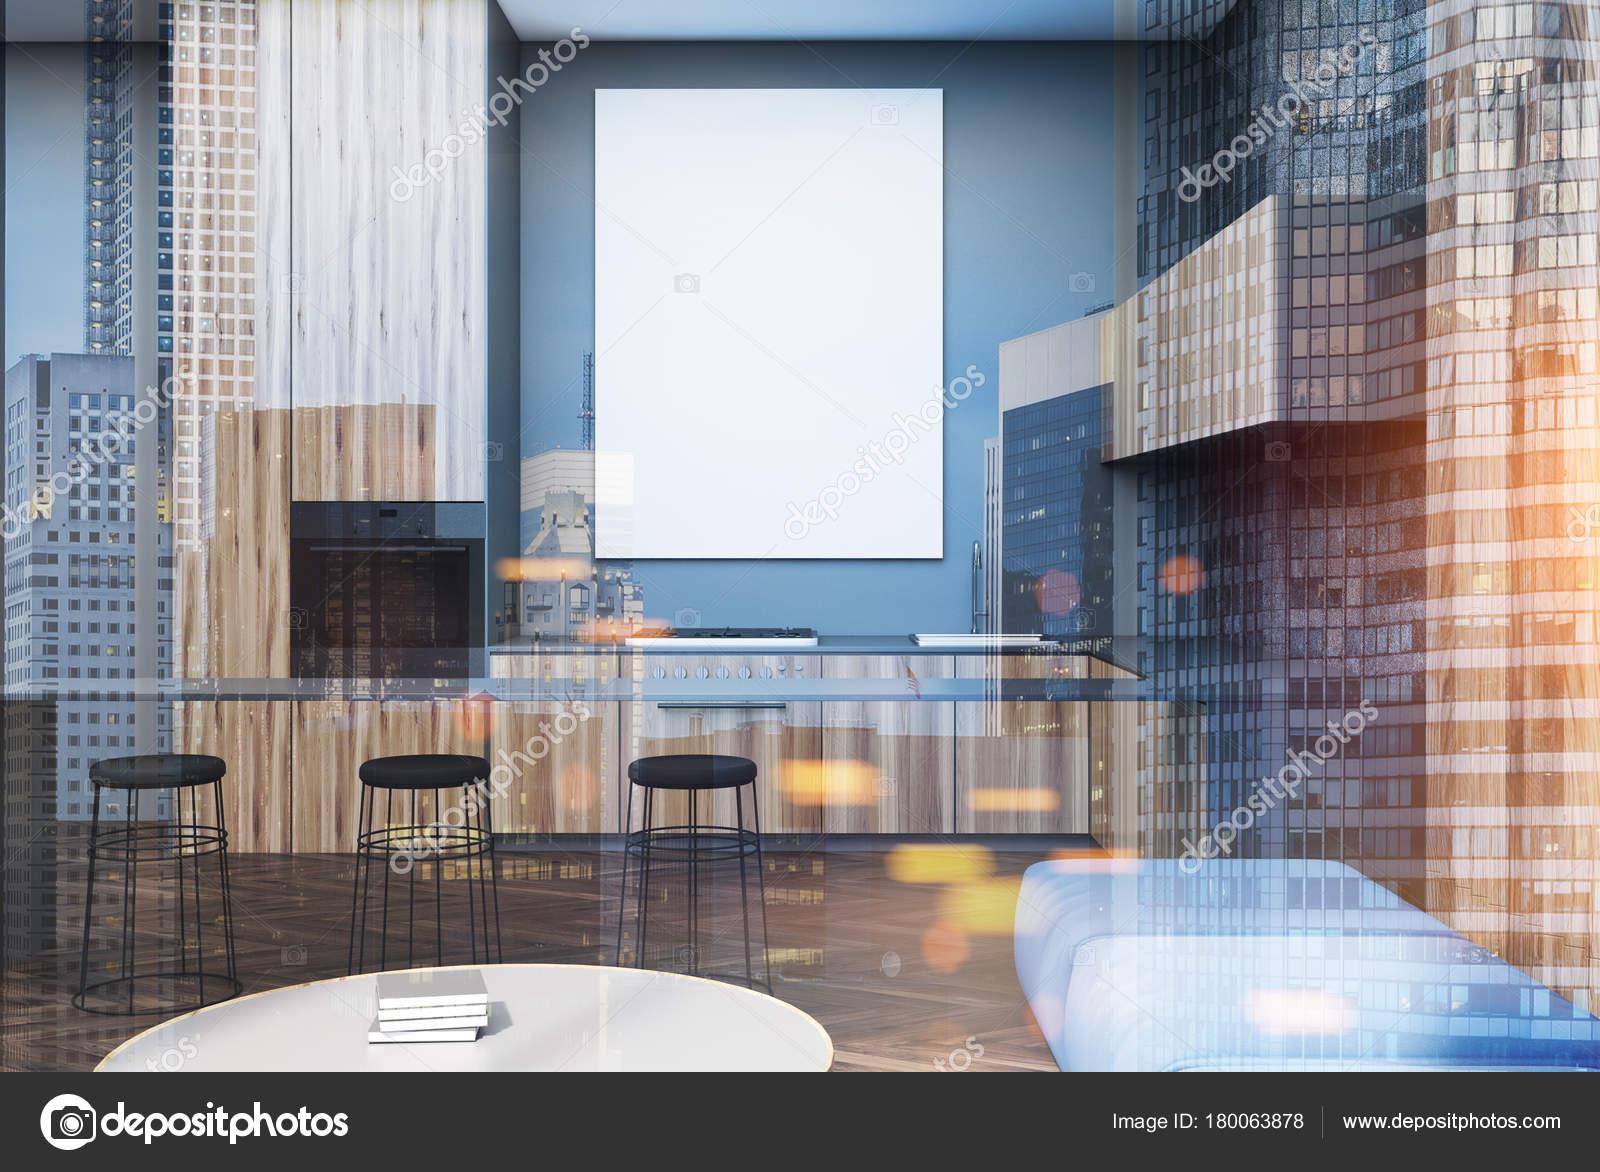 Salone grigio e legno sgabelli da bar di poster tonica u foto